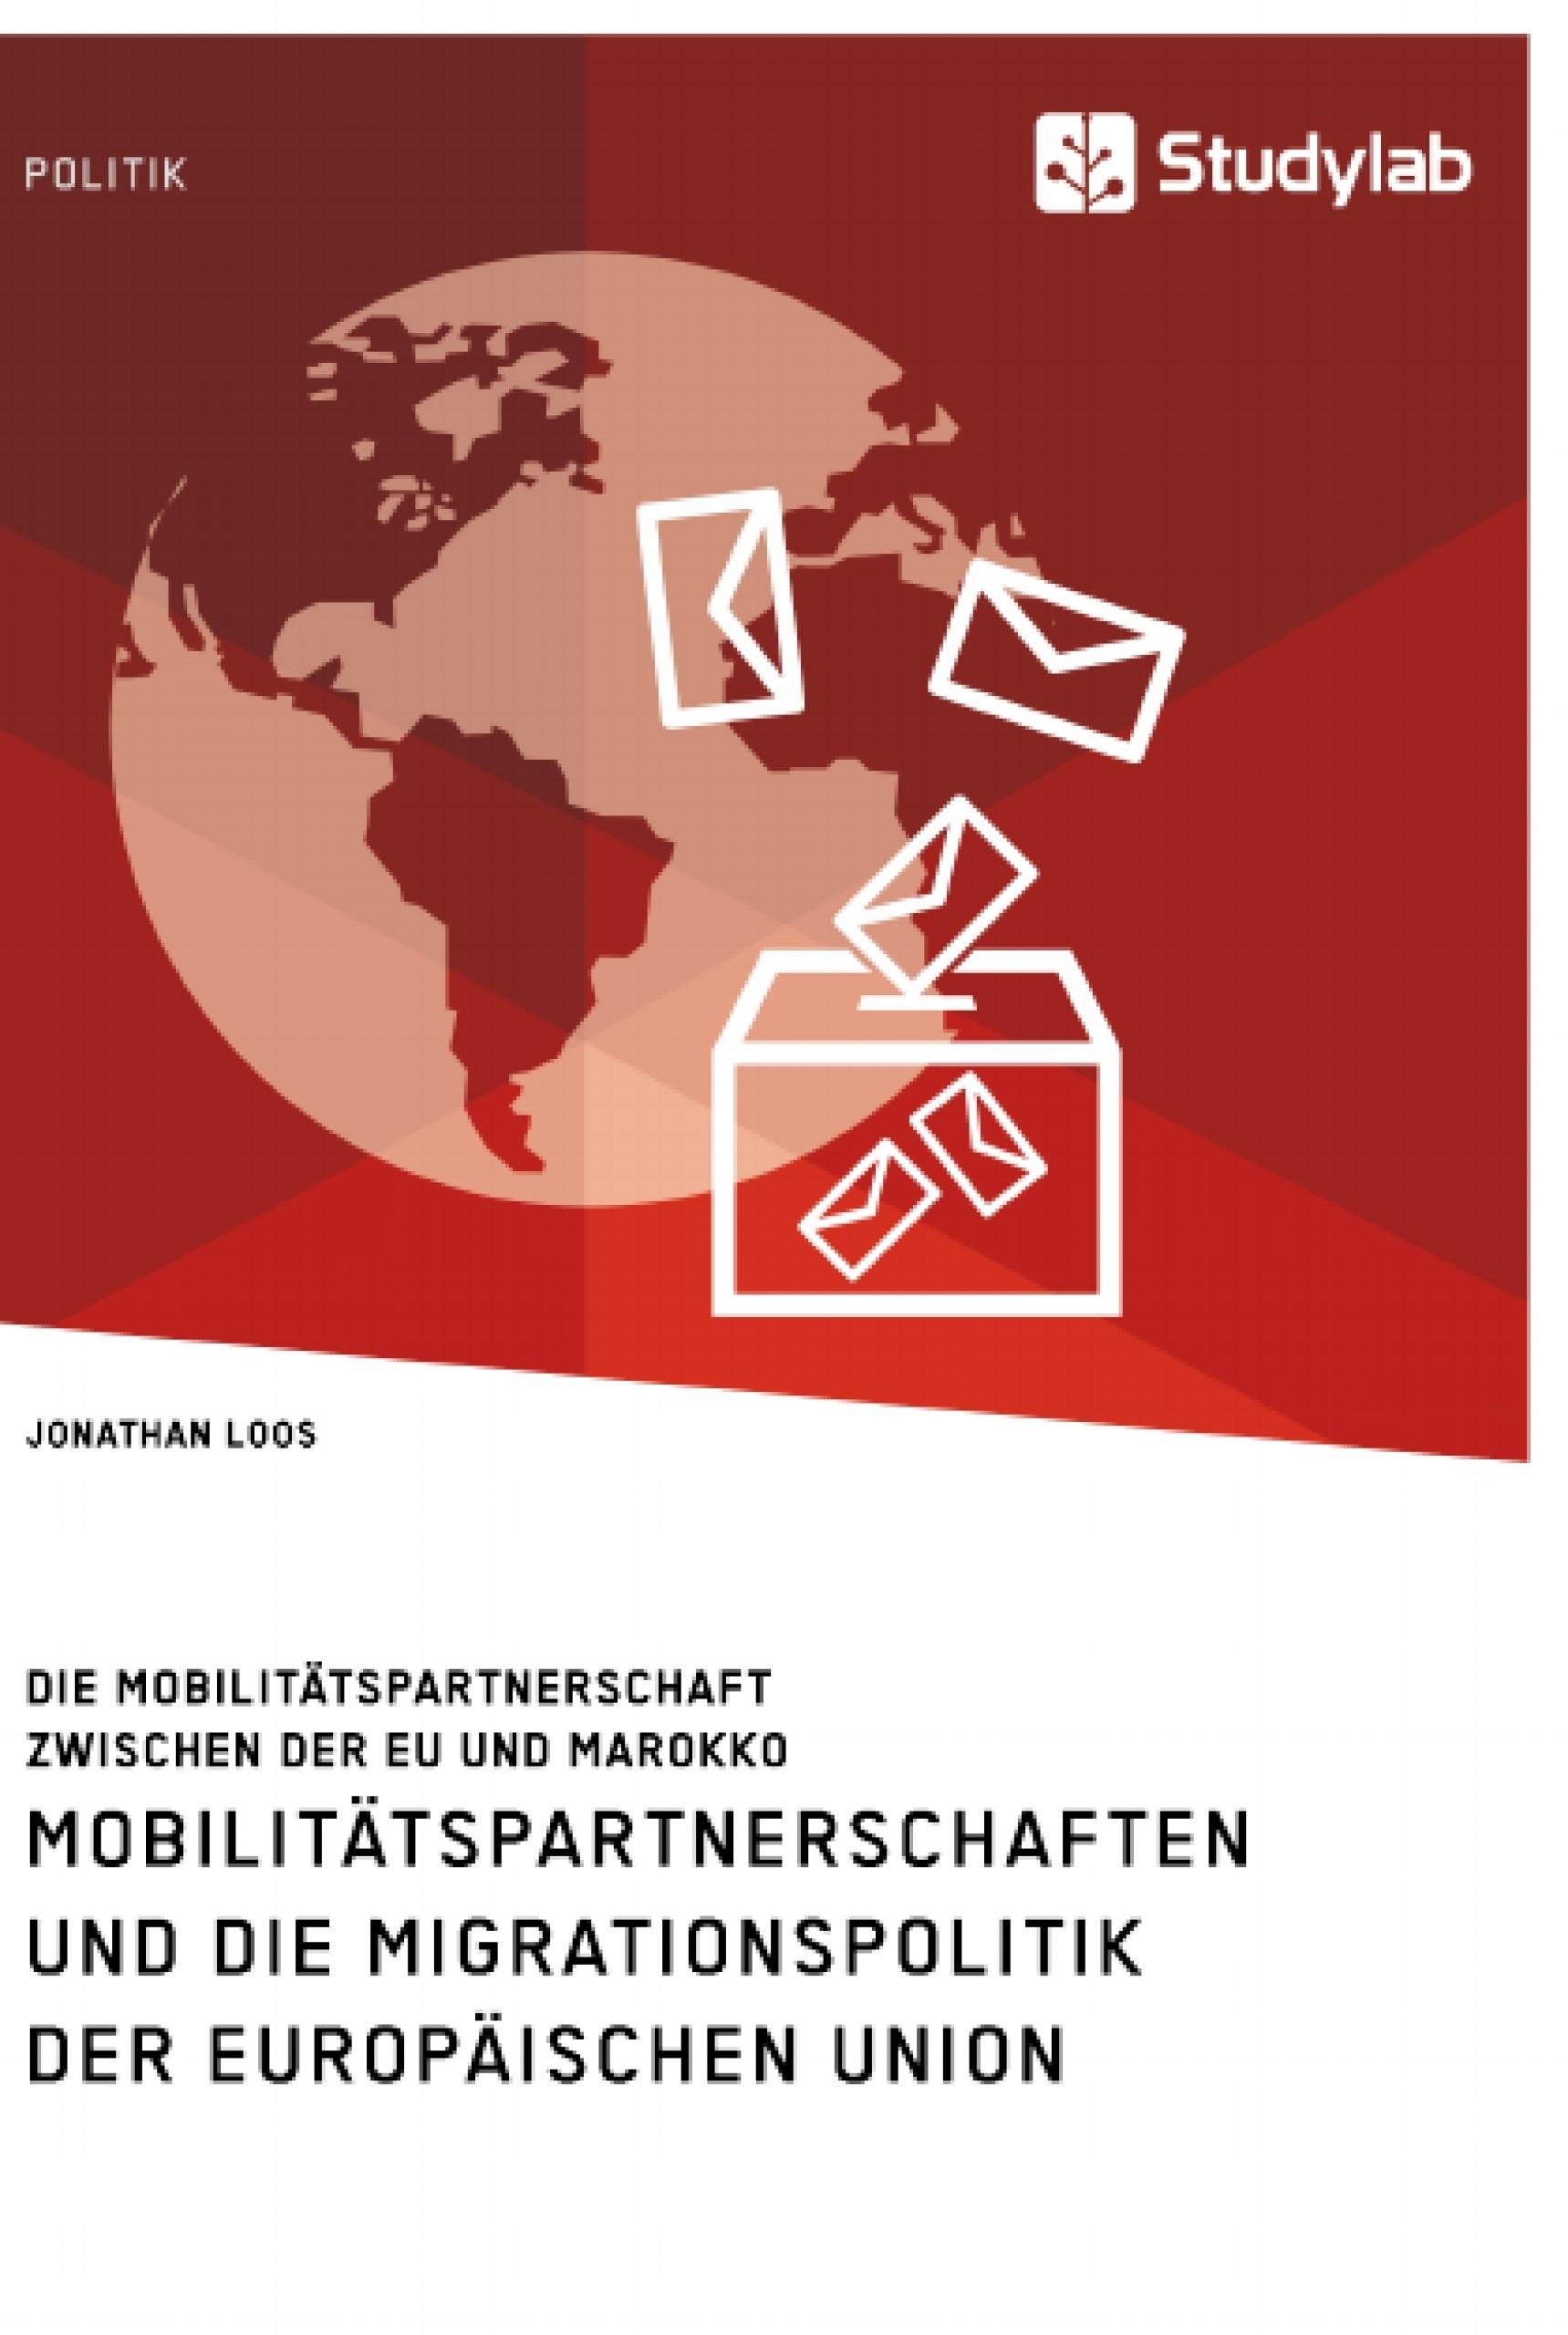 Titel: Mobilitätspartnerschaften und die Migrationspolitik der Europäischen Union. Die Mobilitätspartnerschaft zwischen der EU und Marokko